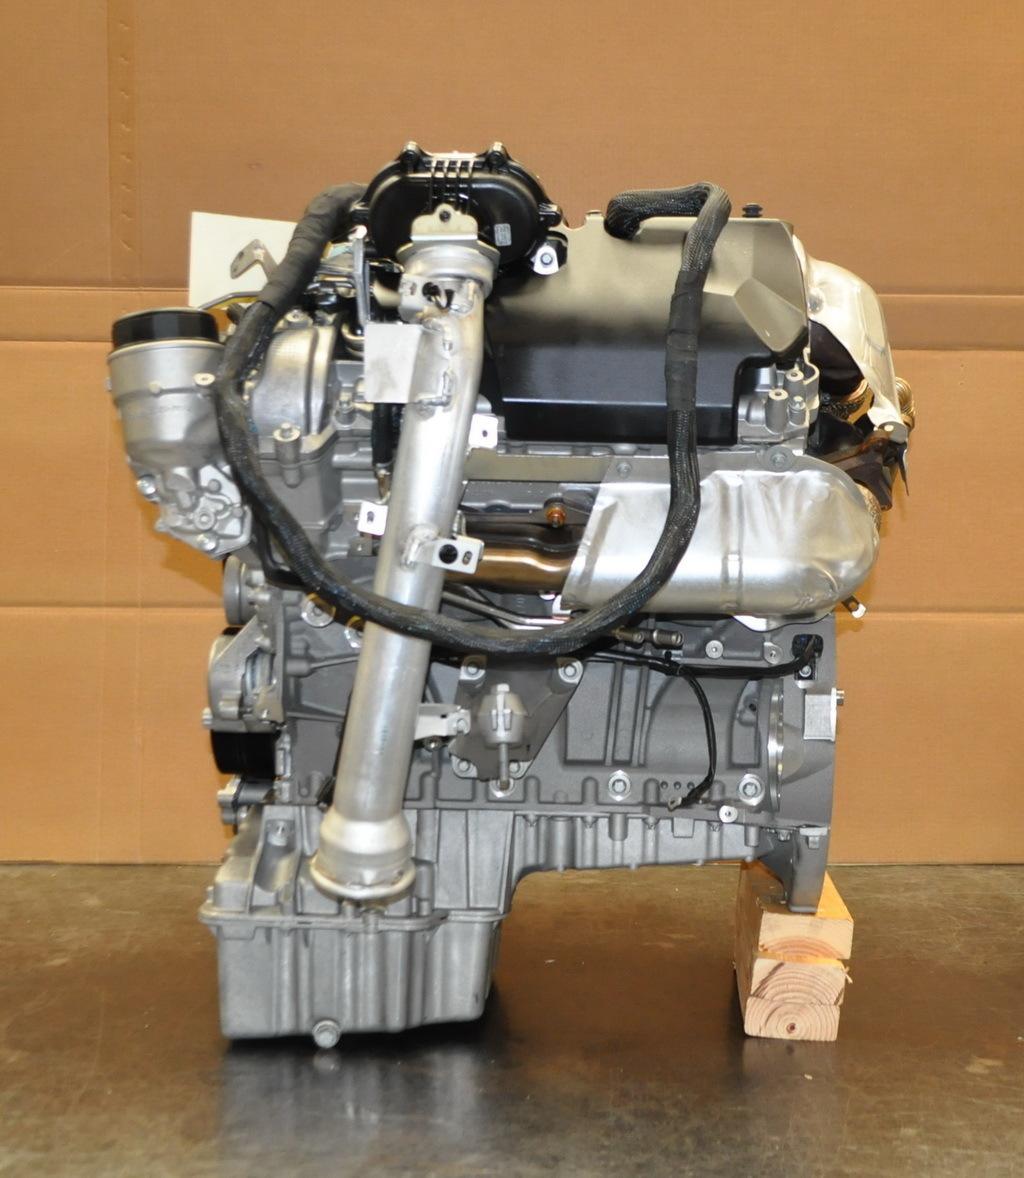 hight resolution of mercedes sprinter 3 0 liter om642 turbodiesel engine